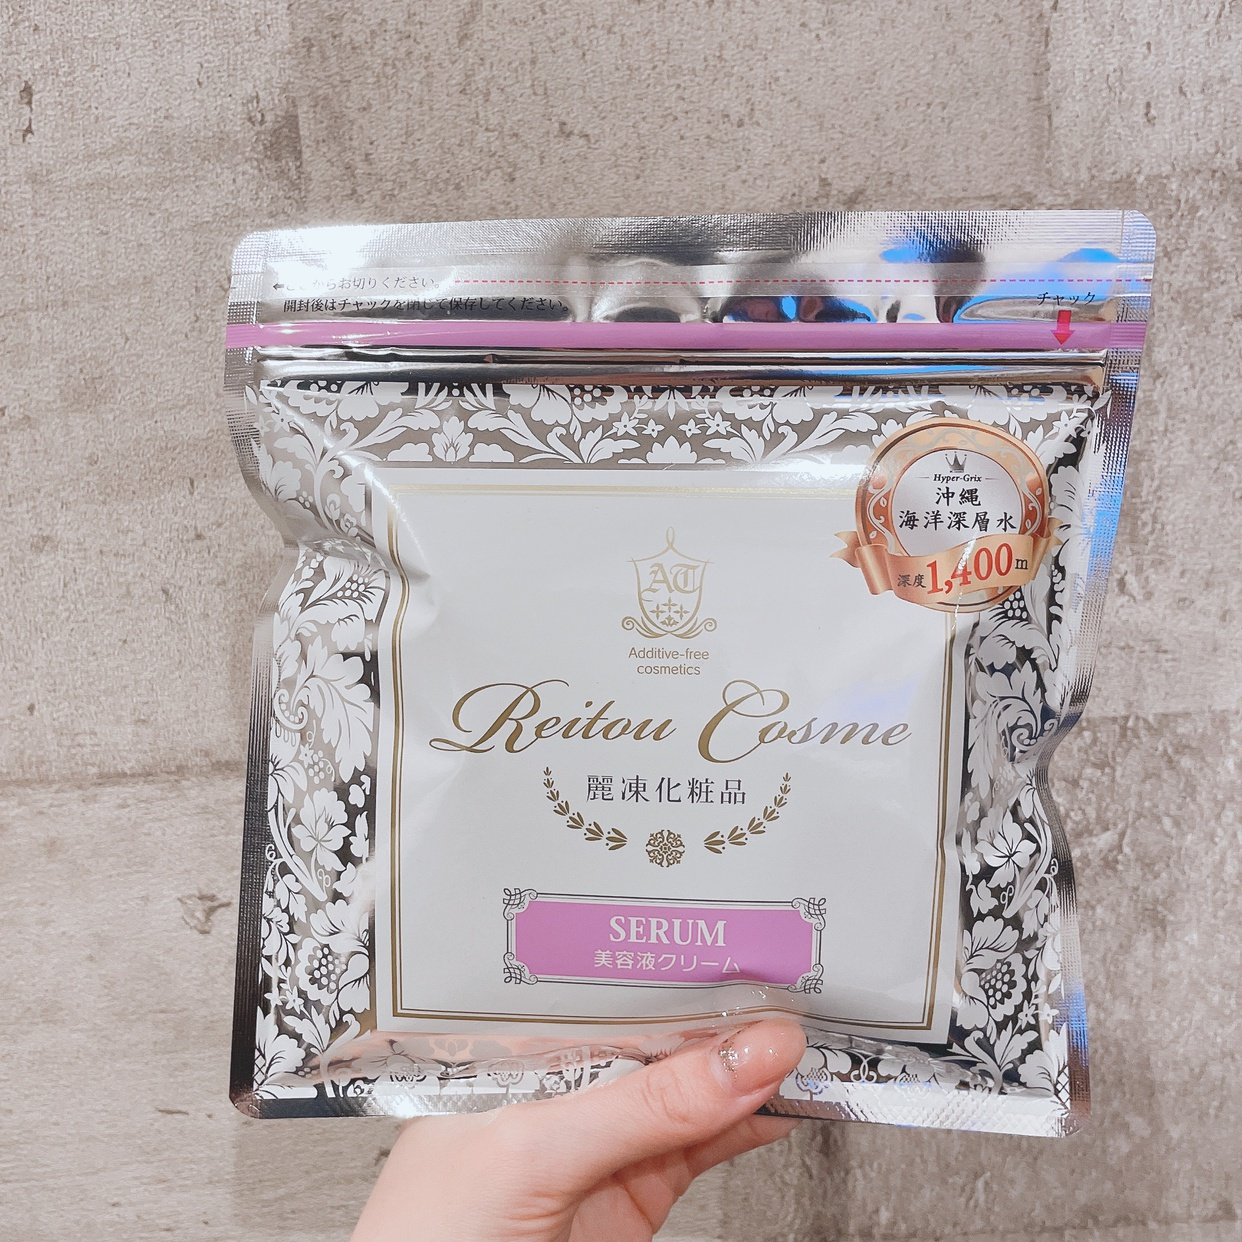 麗凍化粧品(Reitou Cosme) 美容液クリームを使ったひとみんさんのクチコミ画像2